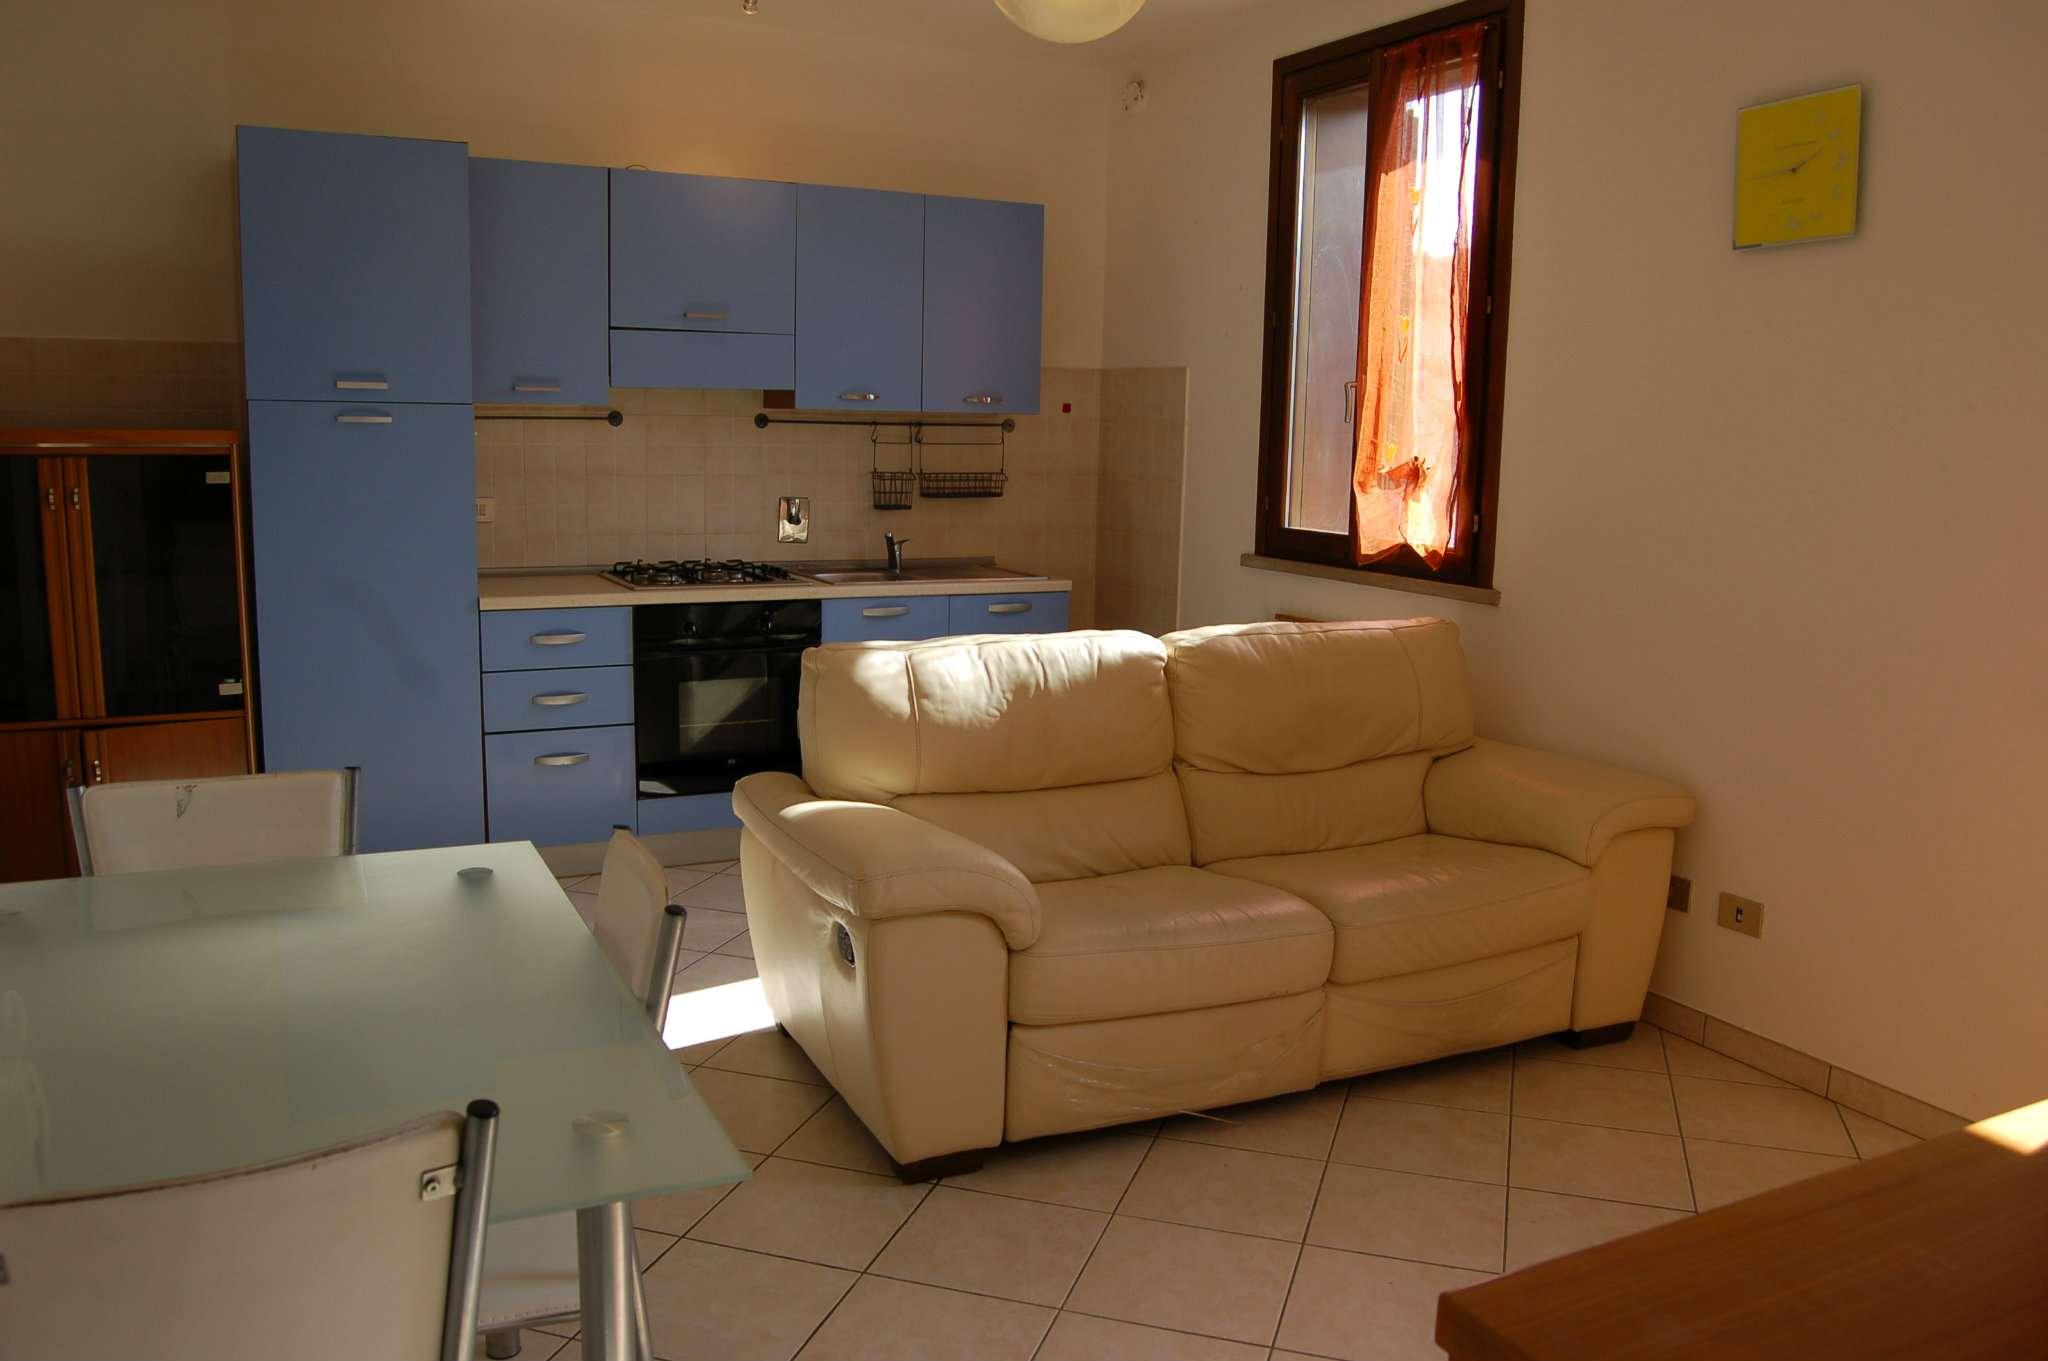 Appartamento in vendita a Cavriago, 2 locali, prezzo € 75.000   PortaleAgenzieImmobiliari.it